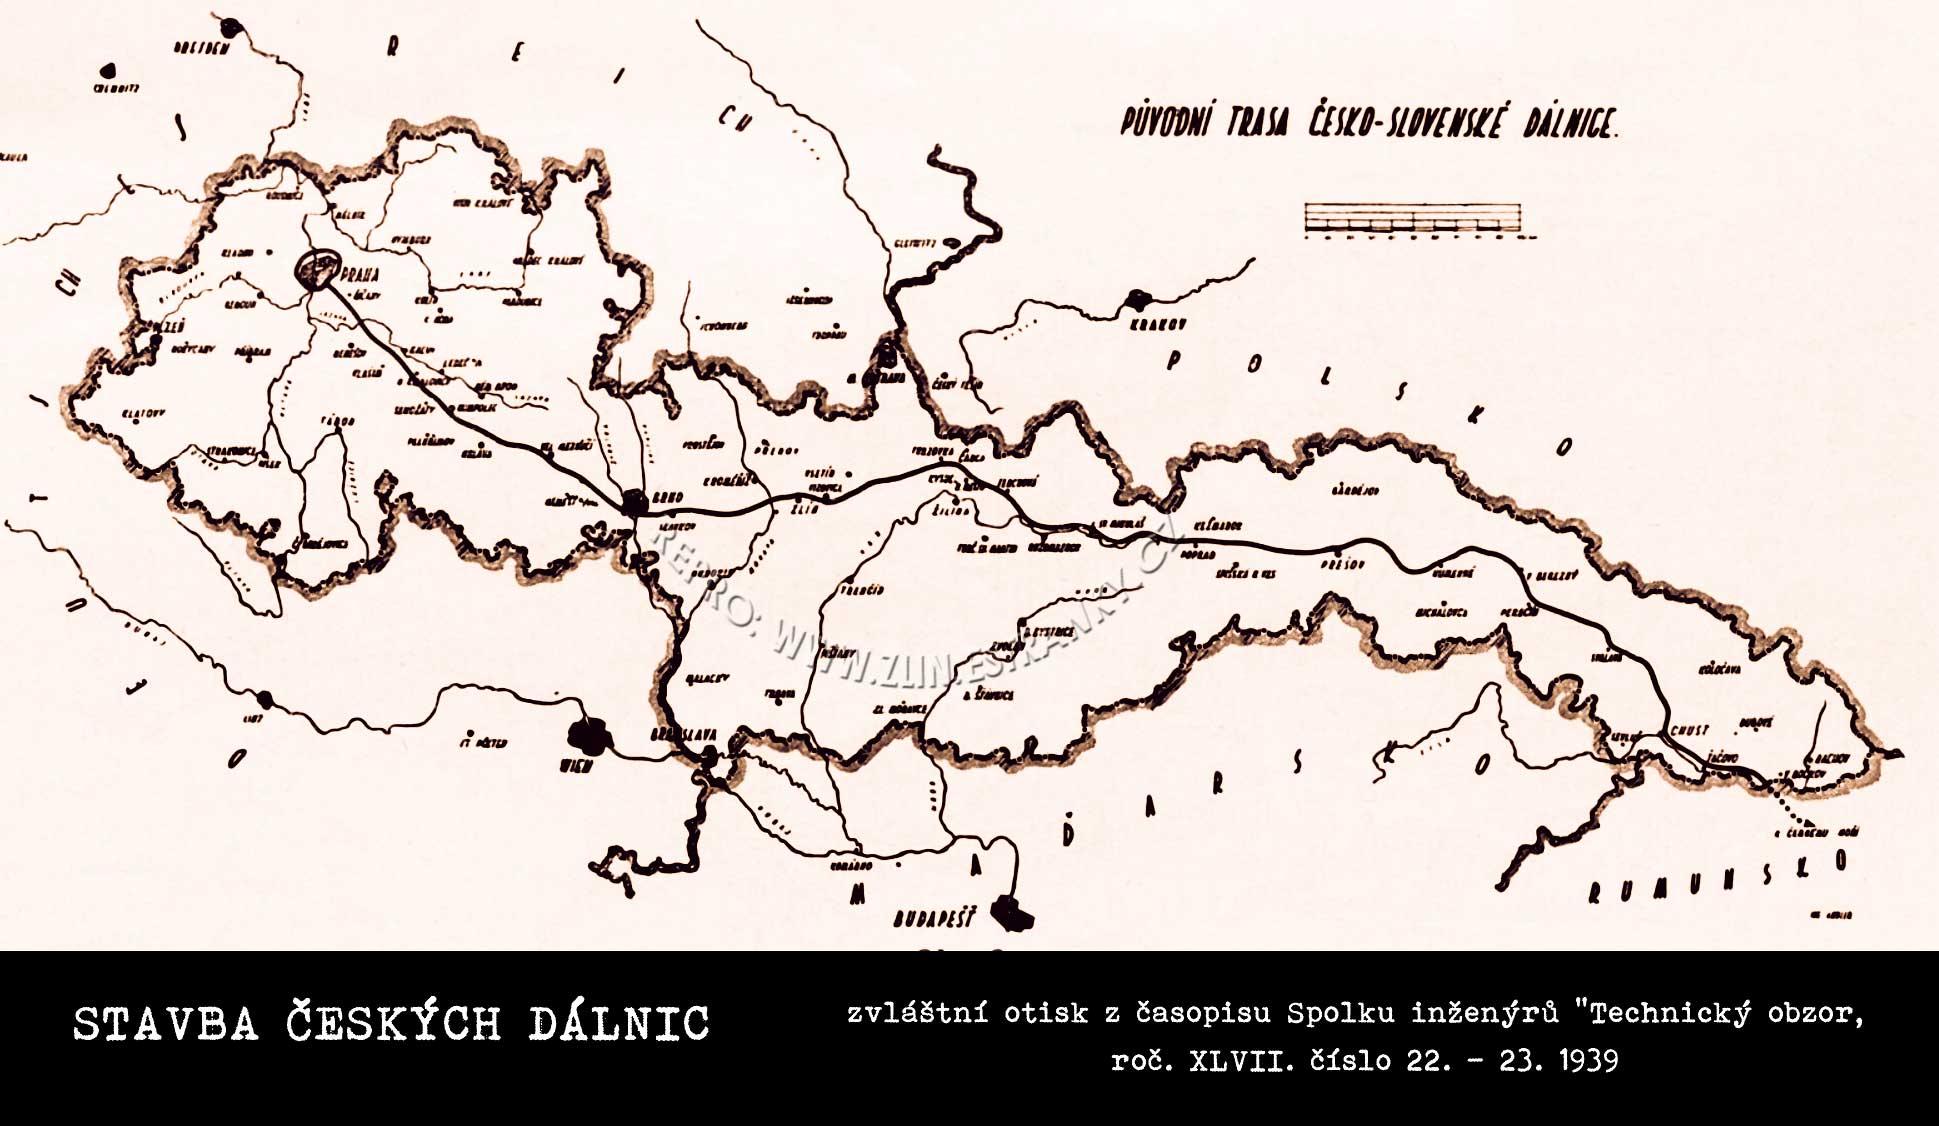 Zamýšlená dálniční páteř ČSR (druhé republiky)